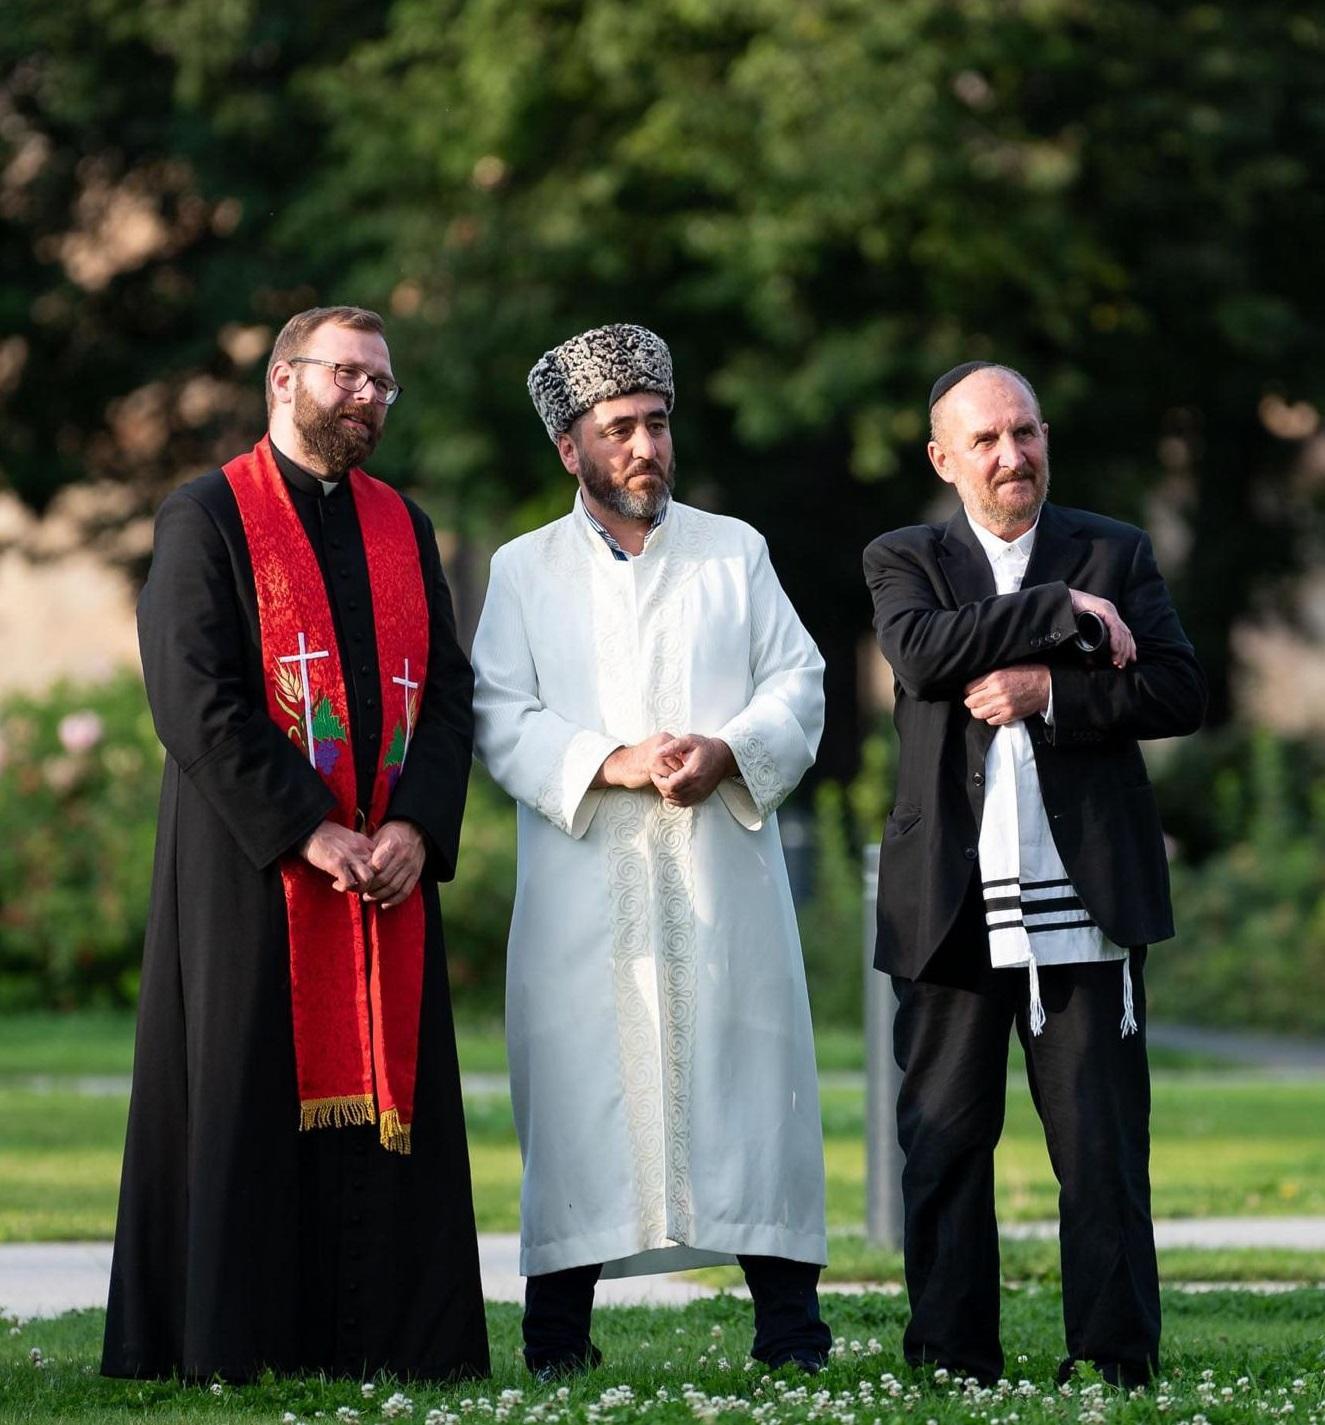 Trijų Abraomo religijų (krikščionybės, islamo, judaizmo) pasekėjų malda Lukiškių aikštėje